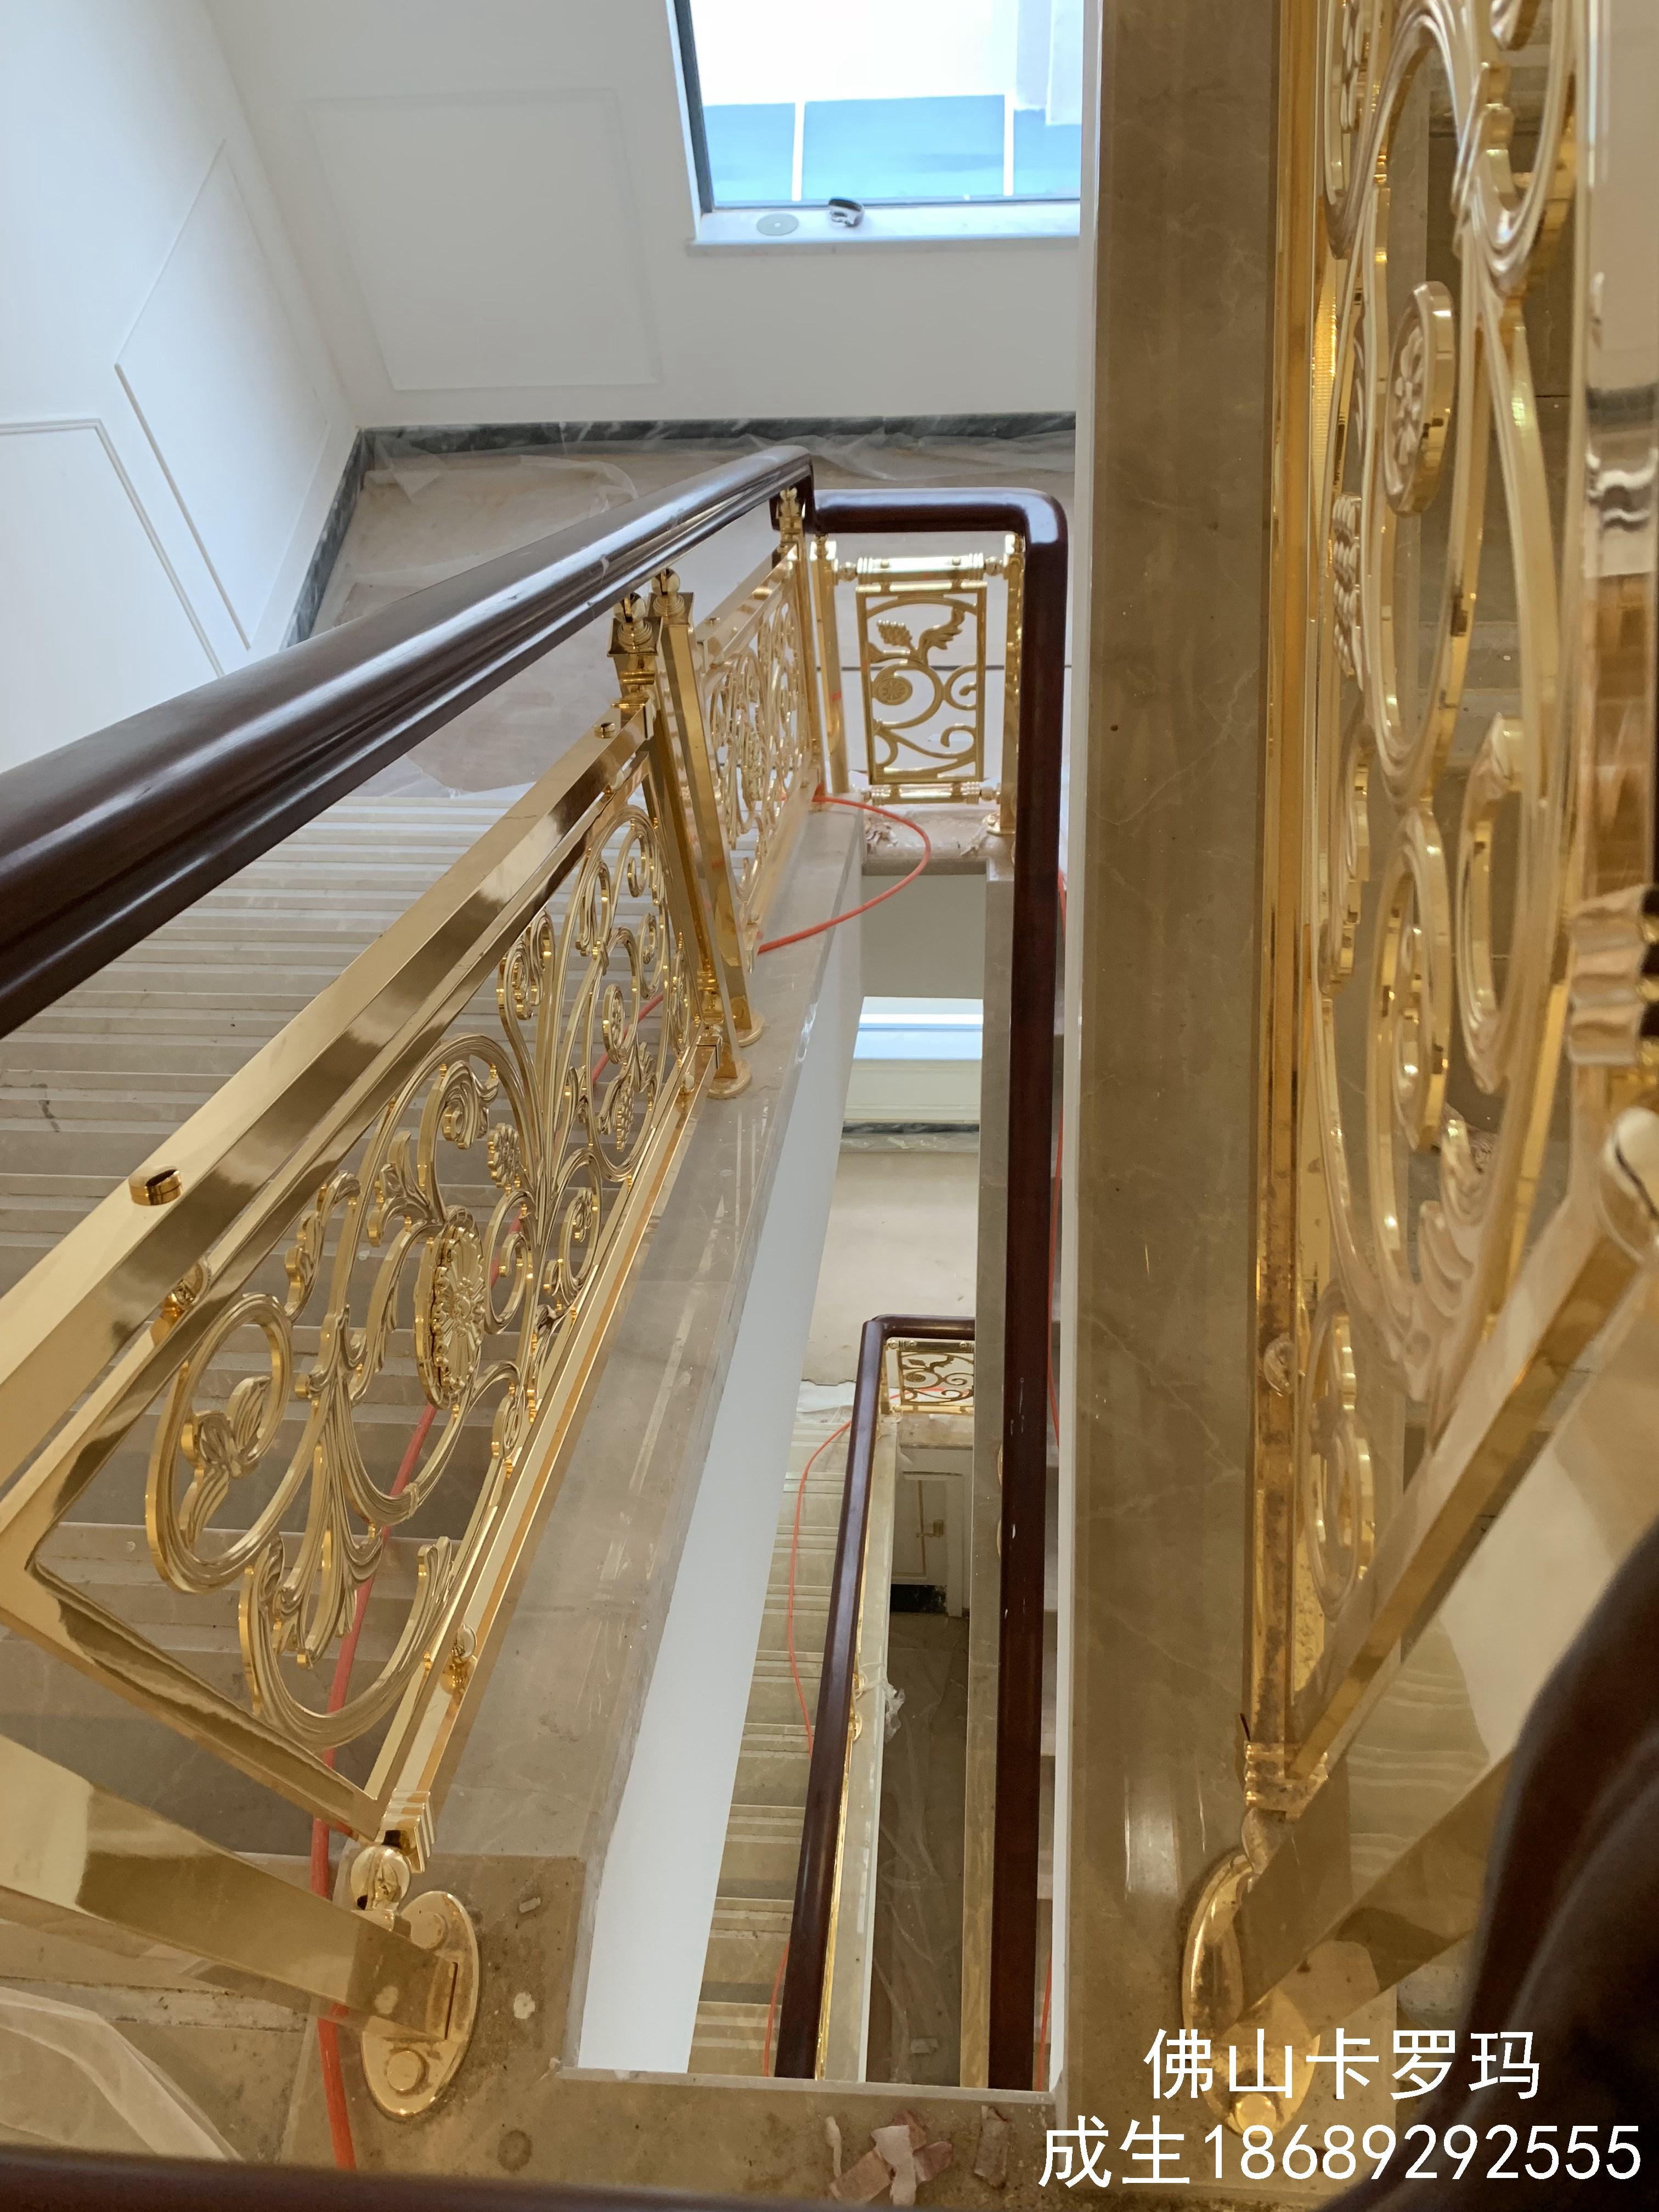 新中式楼梯  分散阶梯式铜艺楼梯扶手  来料加工